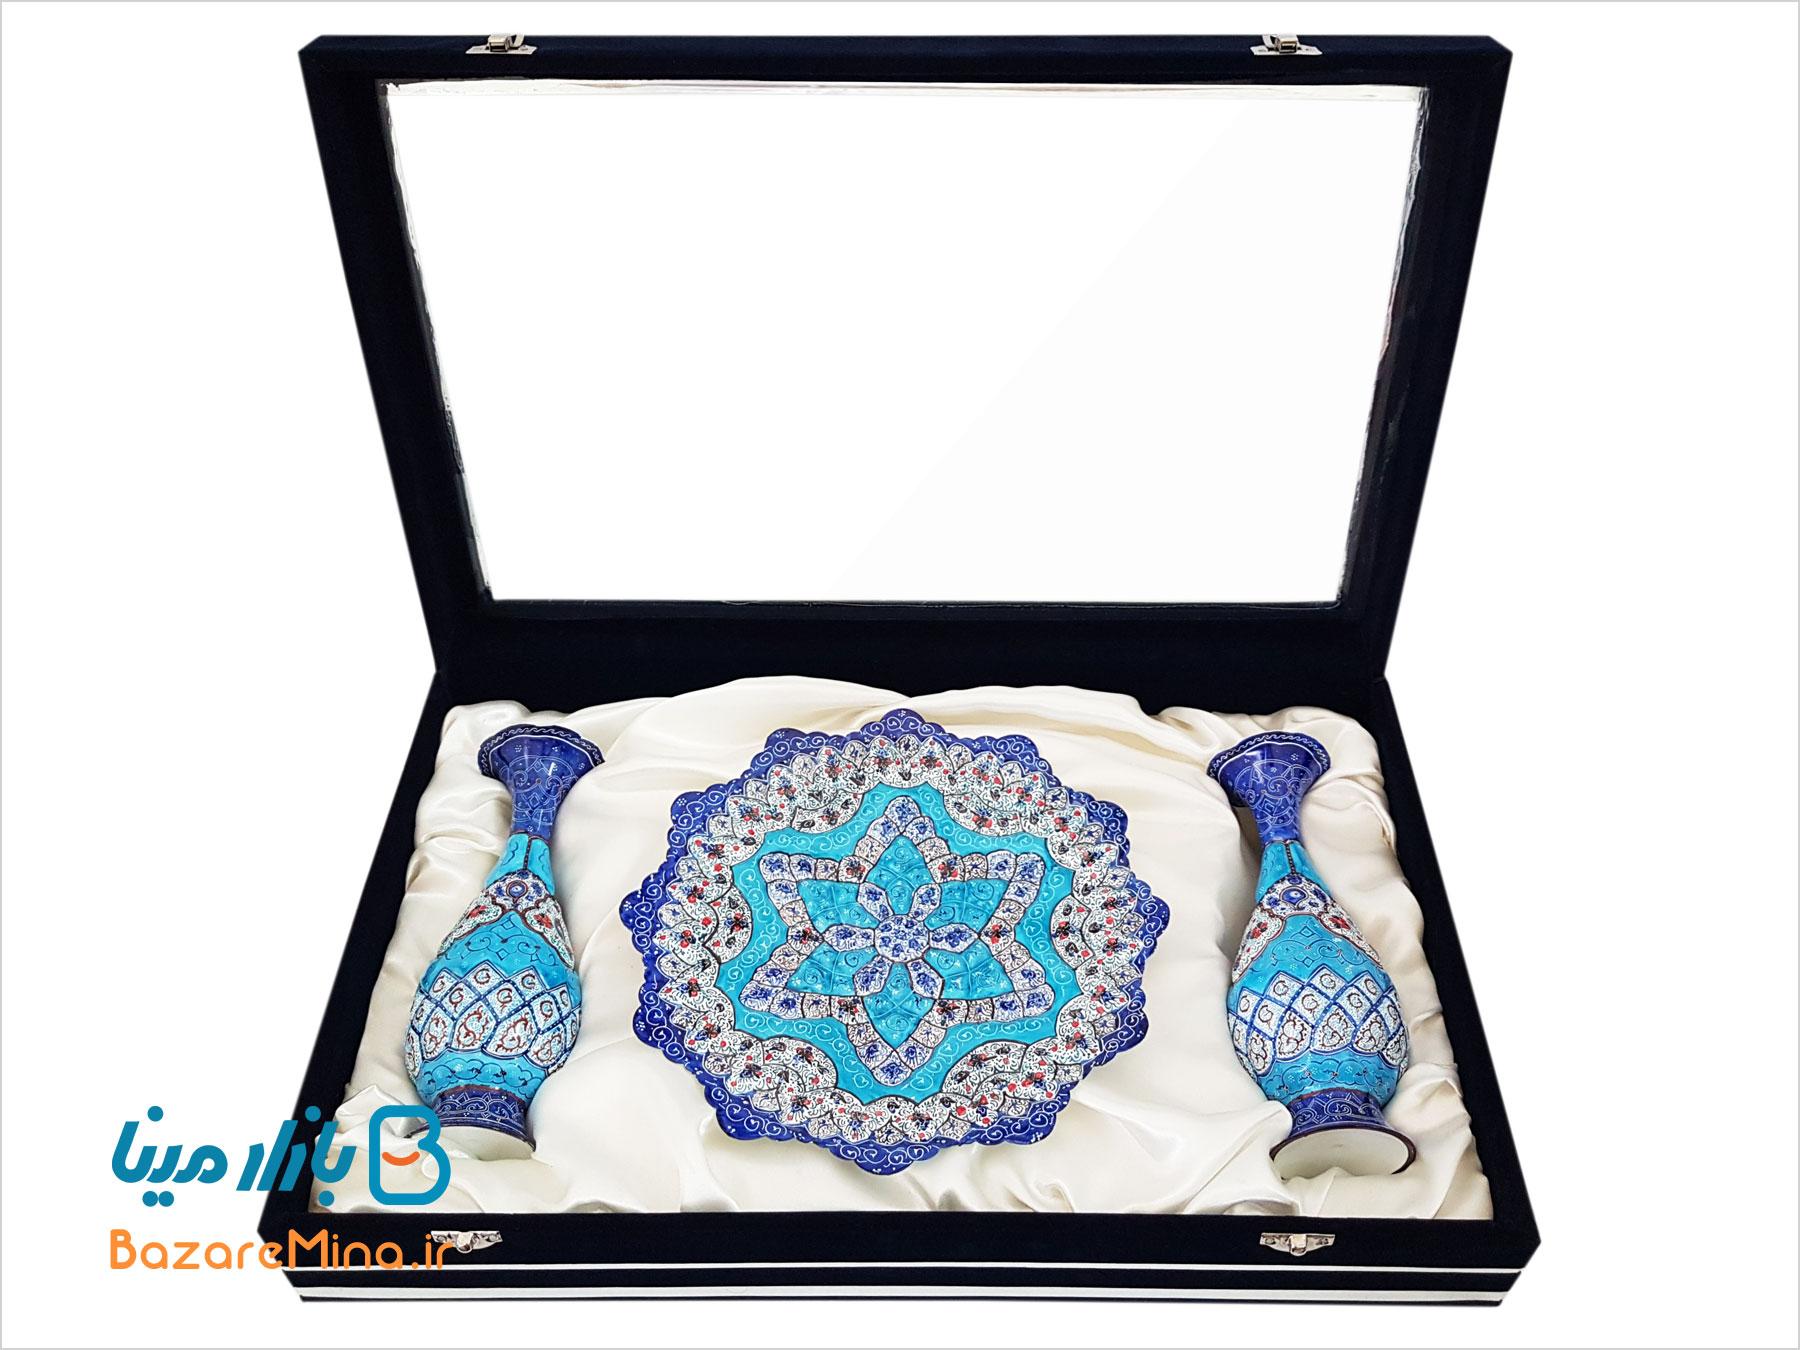 باکس ست گلدان و بشقاب میناکاری اصفهان